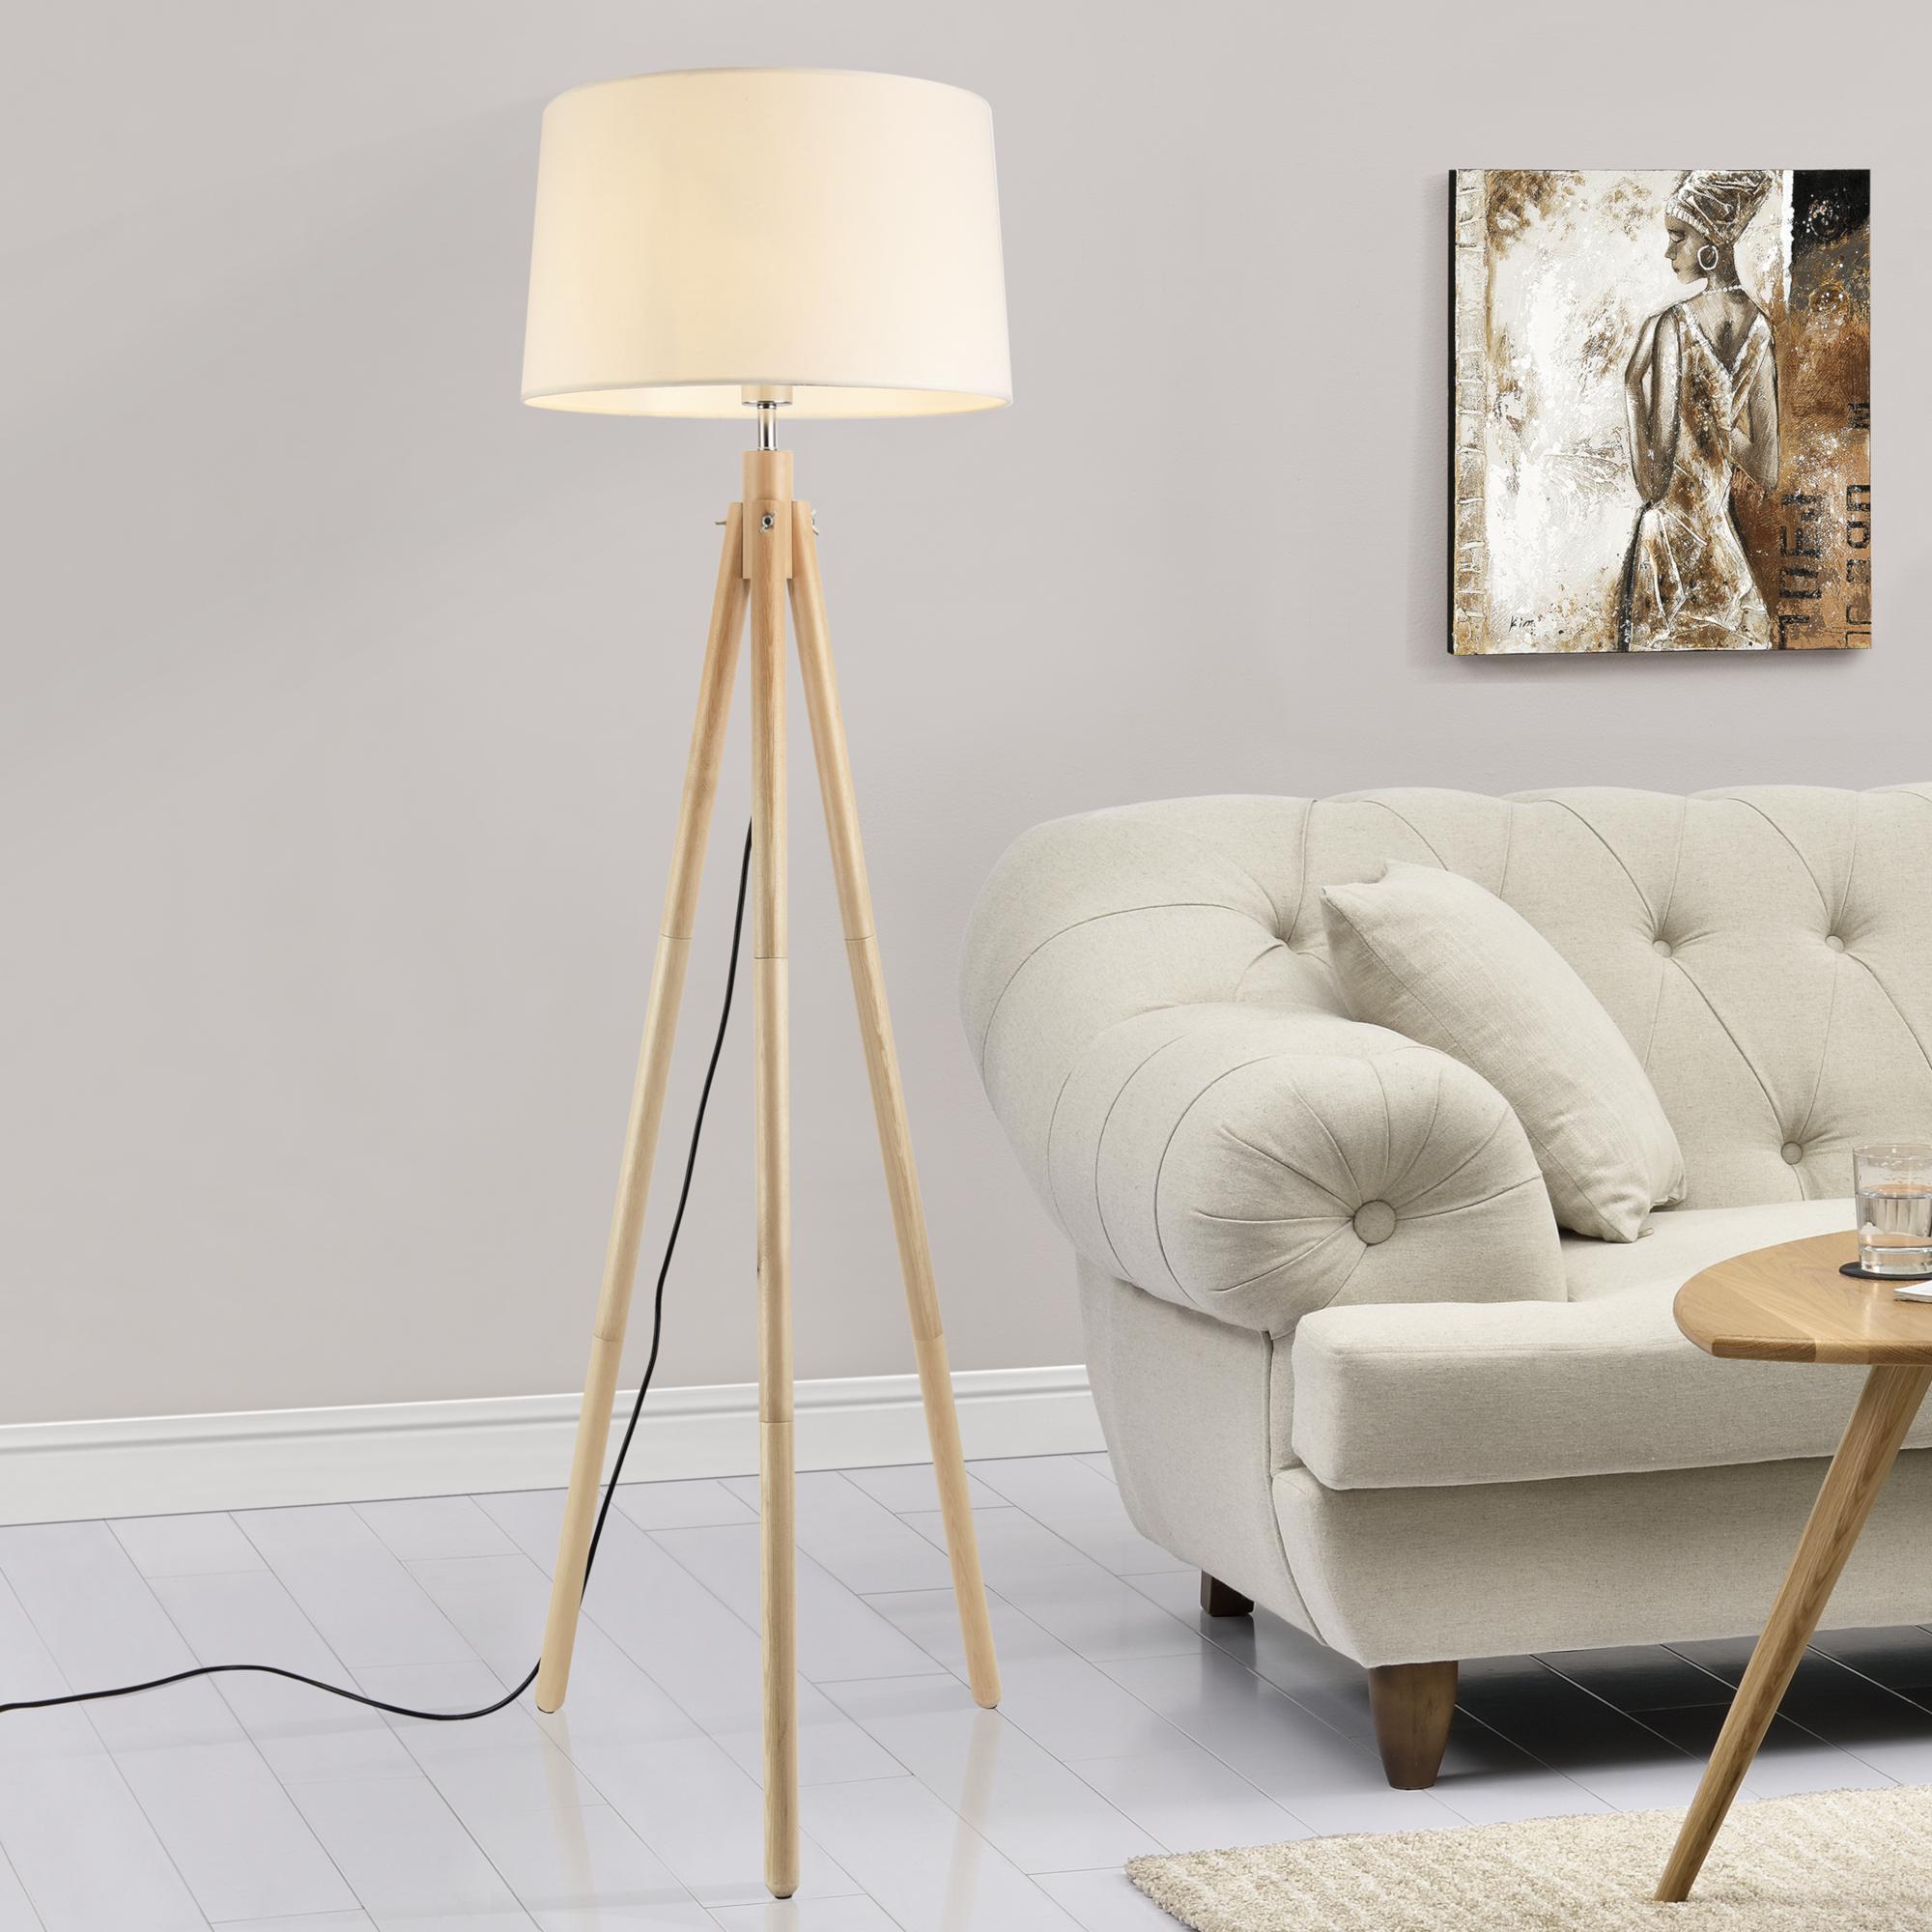 Lux Pro Lampadaire Lampe Bois Metal Tissu Effet Bois Blanc 153cm